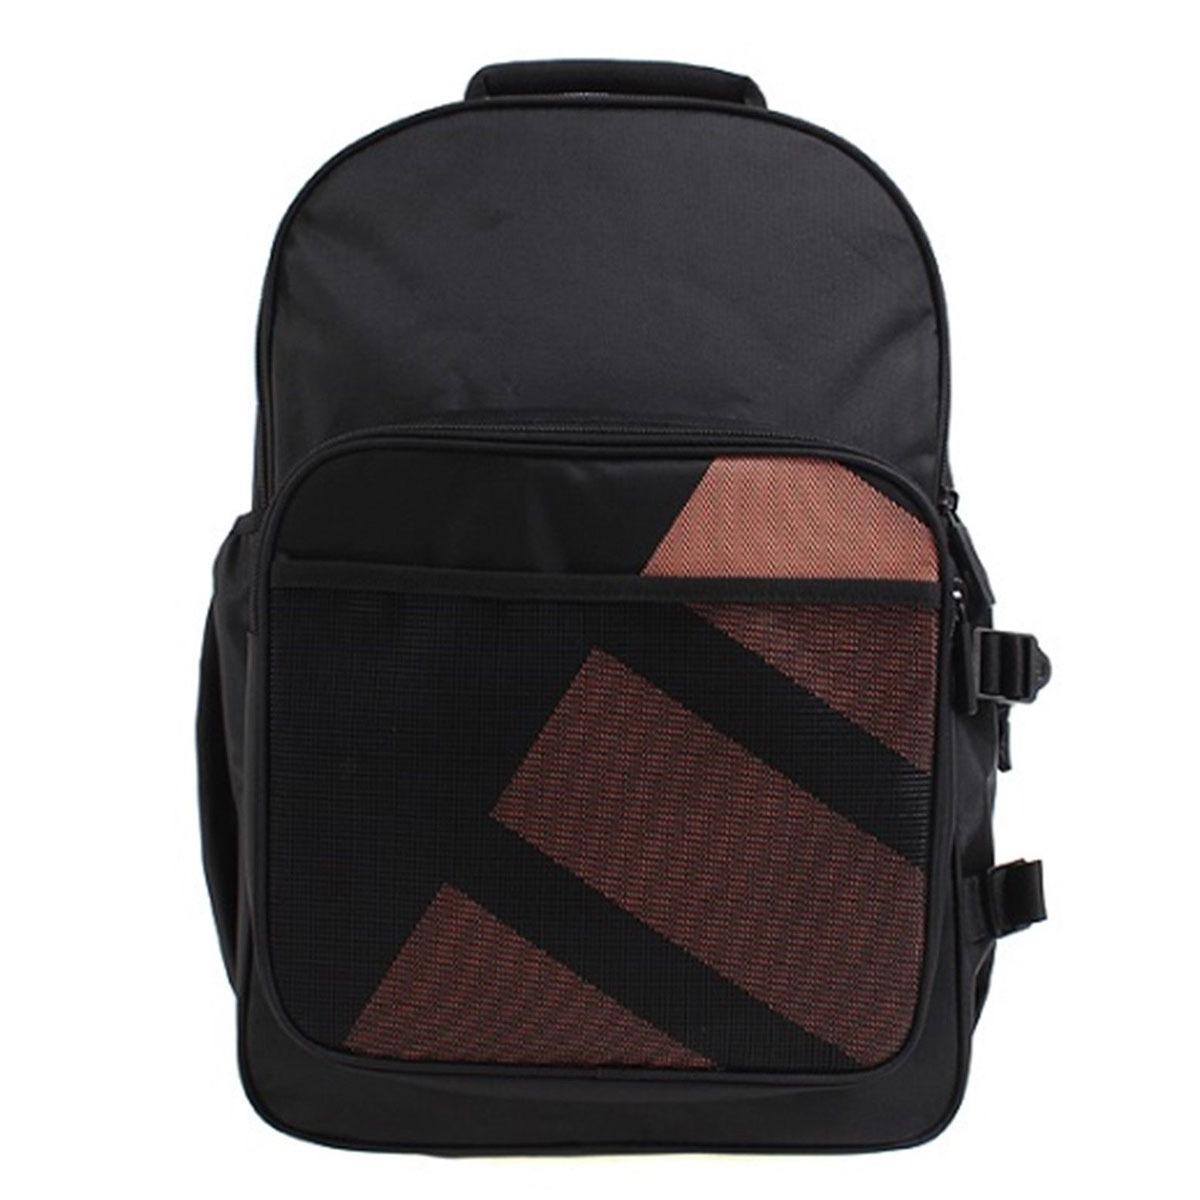 29cd9a9924 Mochila adidas Classic Bp Eqt Ce2345 - $ 2.595,00 en Mercado Libre